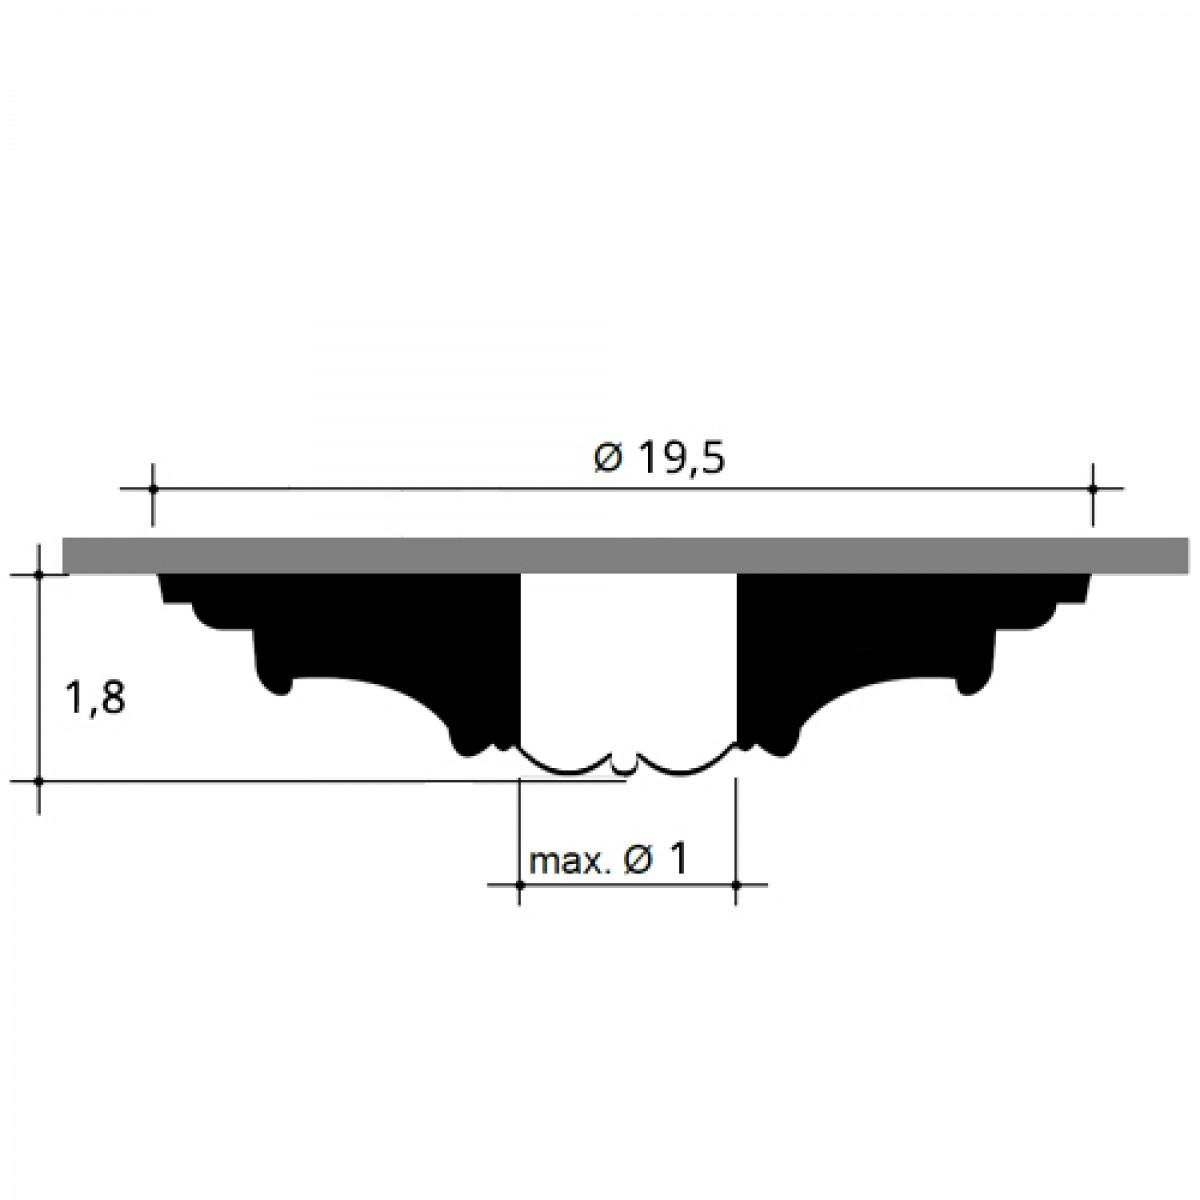 Rozeta Luxxus R12, Dimensiuni: diam. 19,5 cm (H: 1,8 cm), Orac Decor